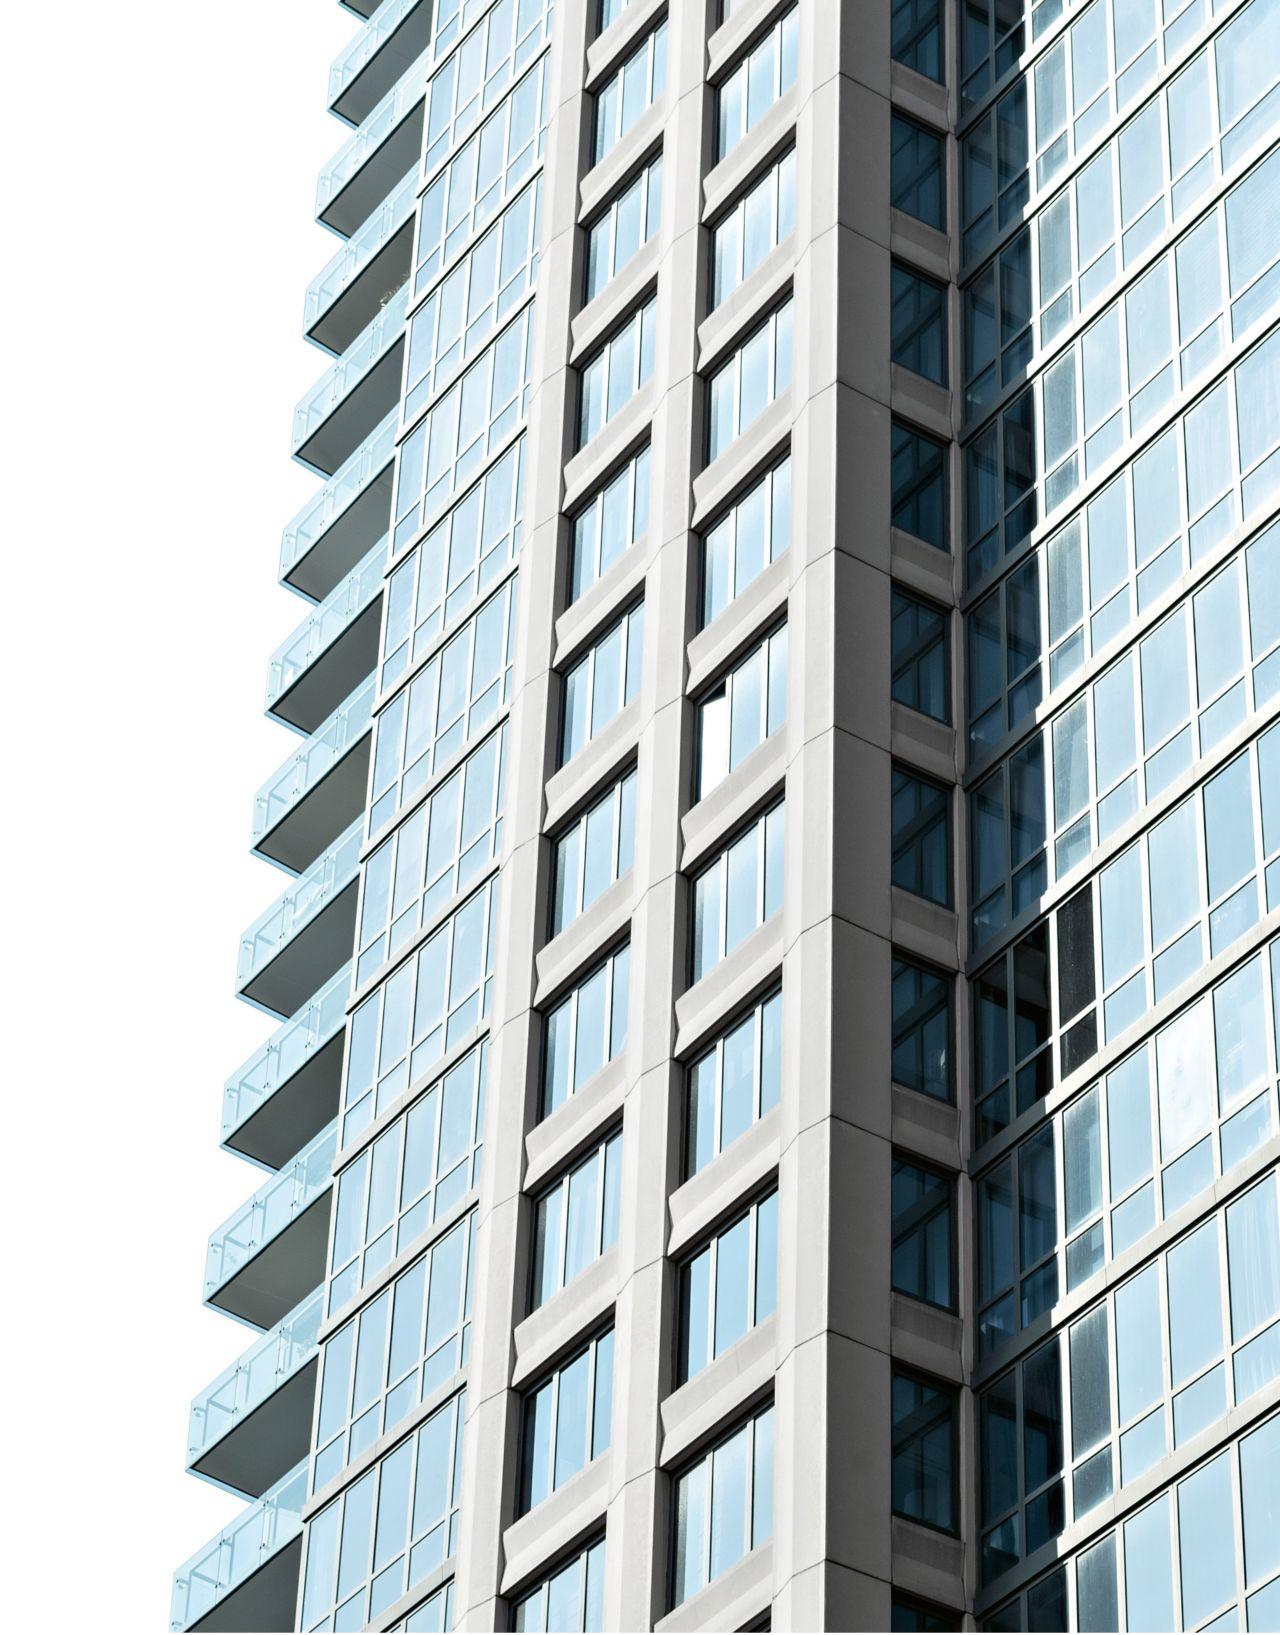 Chelsea Stratus luxury condominium tower